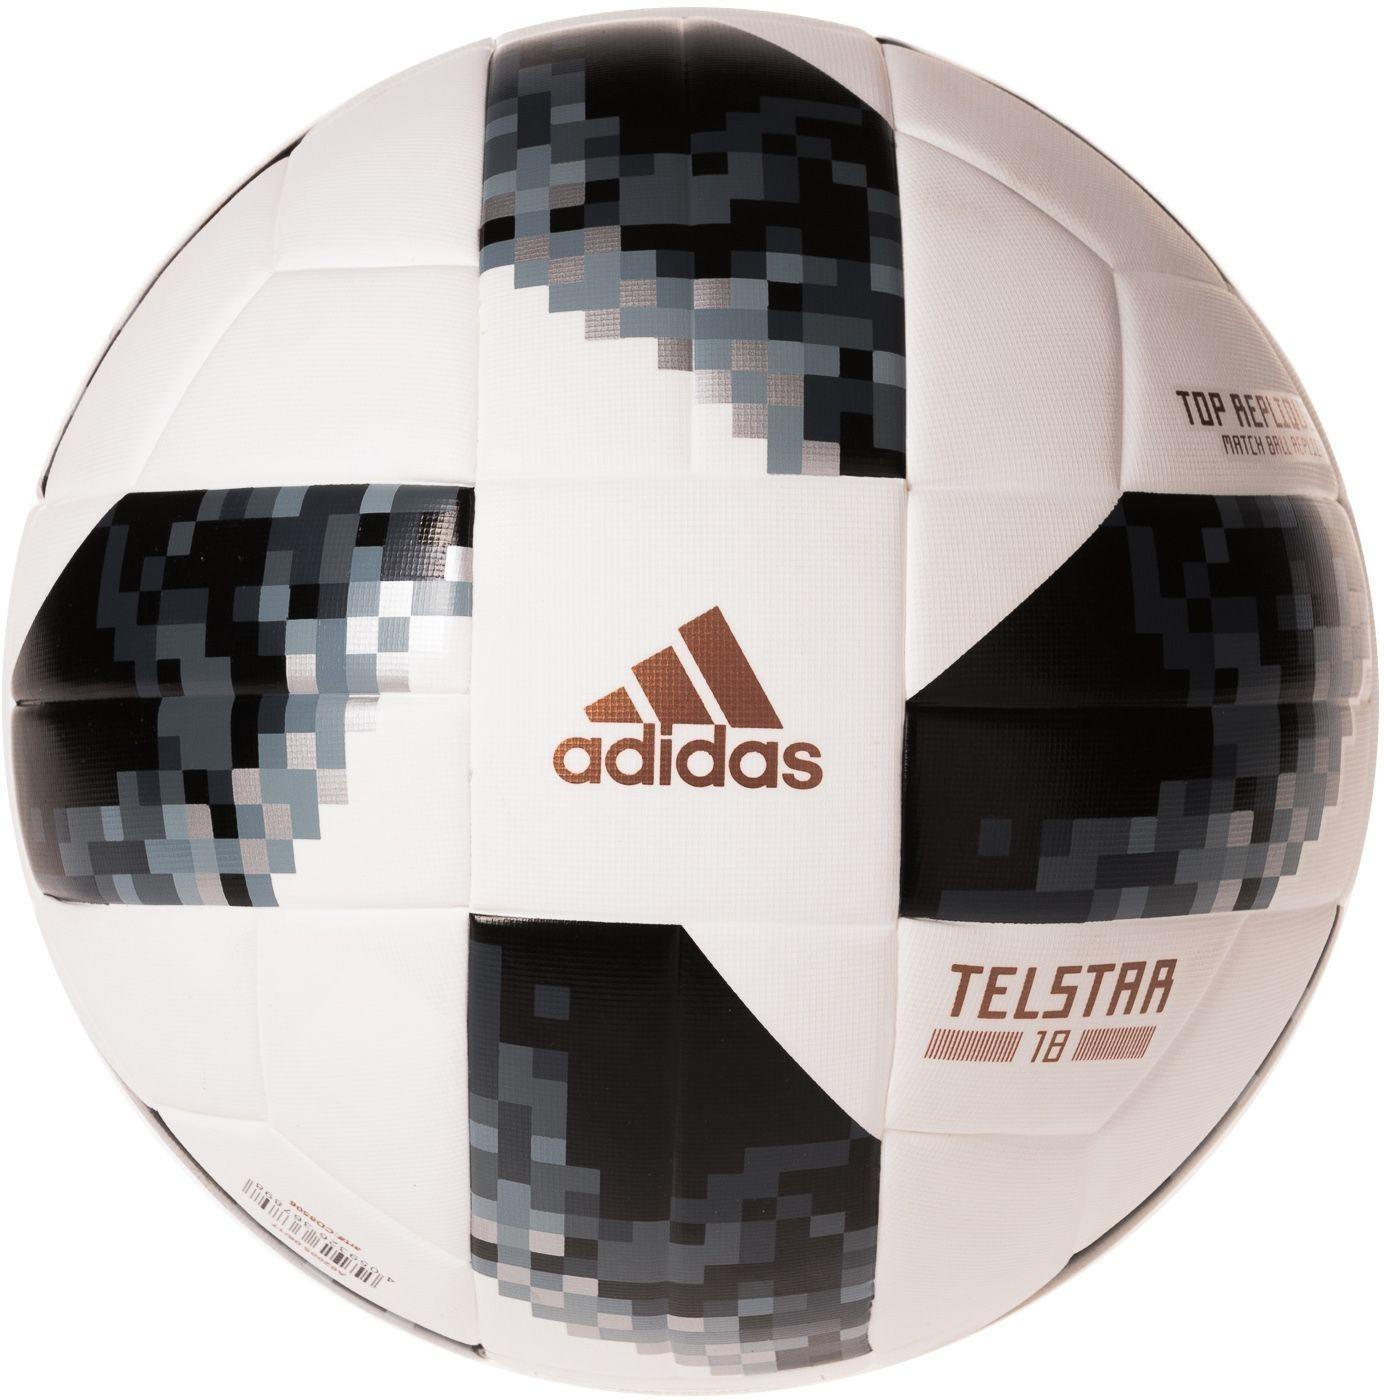 Adidas Piłka Telstar Mistrzostwa Świata 2018 Top Replique + kartonikowe opakowanie